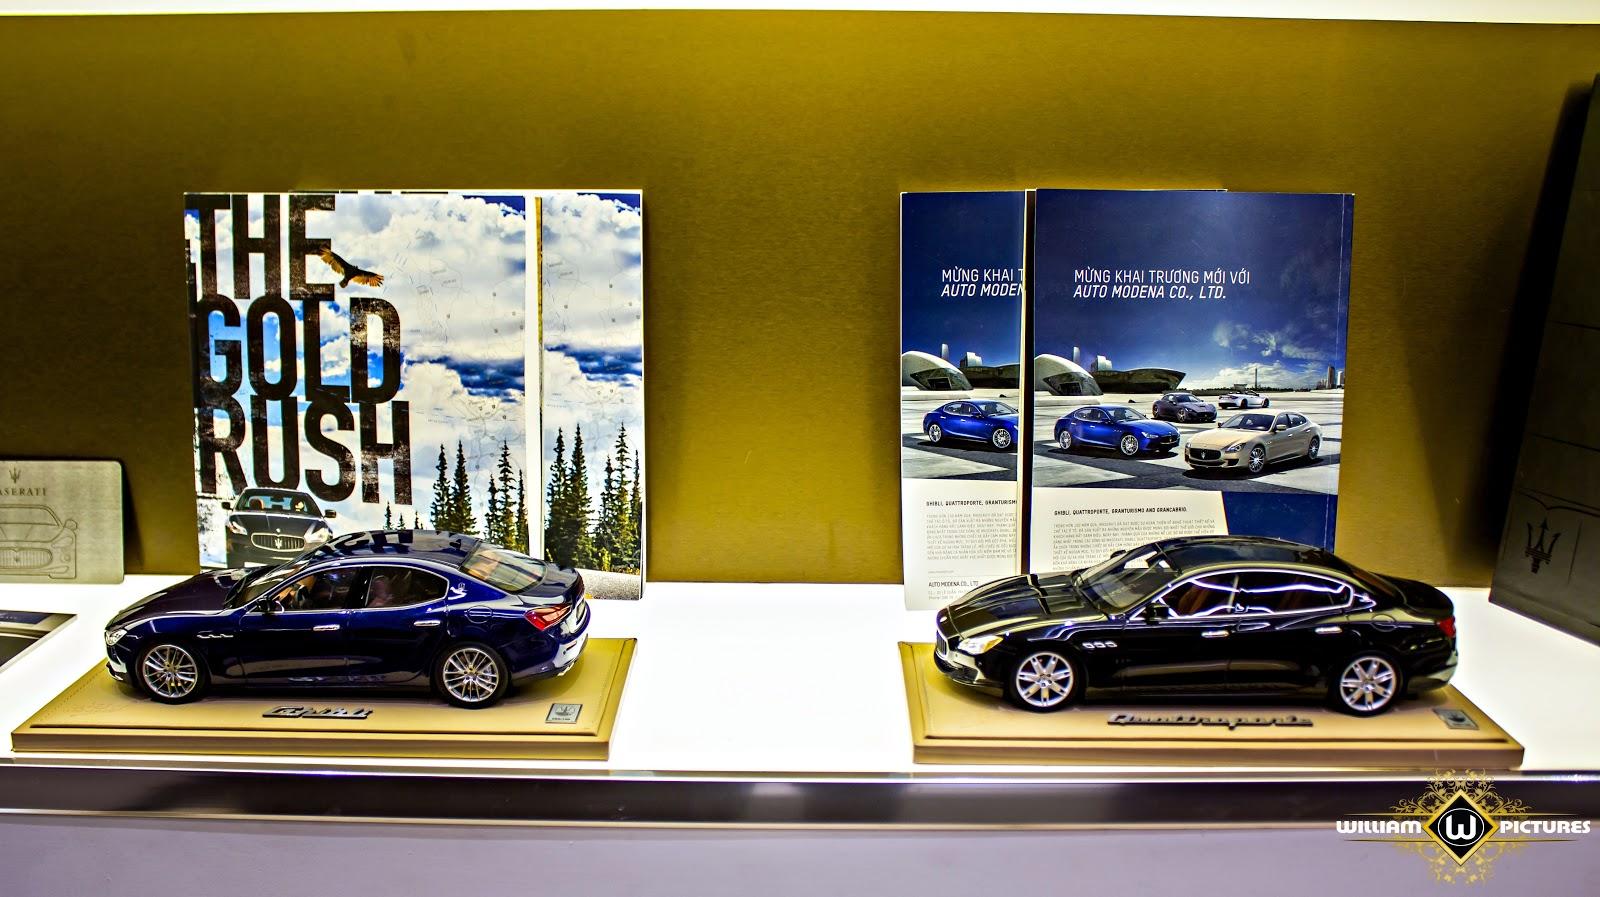 Mô hình chân thực của các dòng xe Maserati thời hiện đại